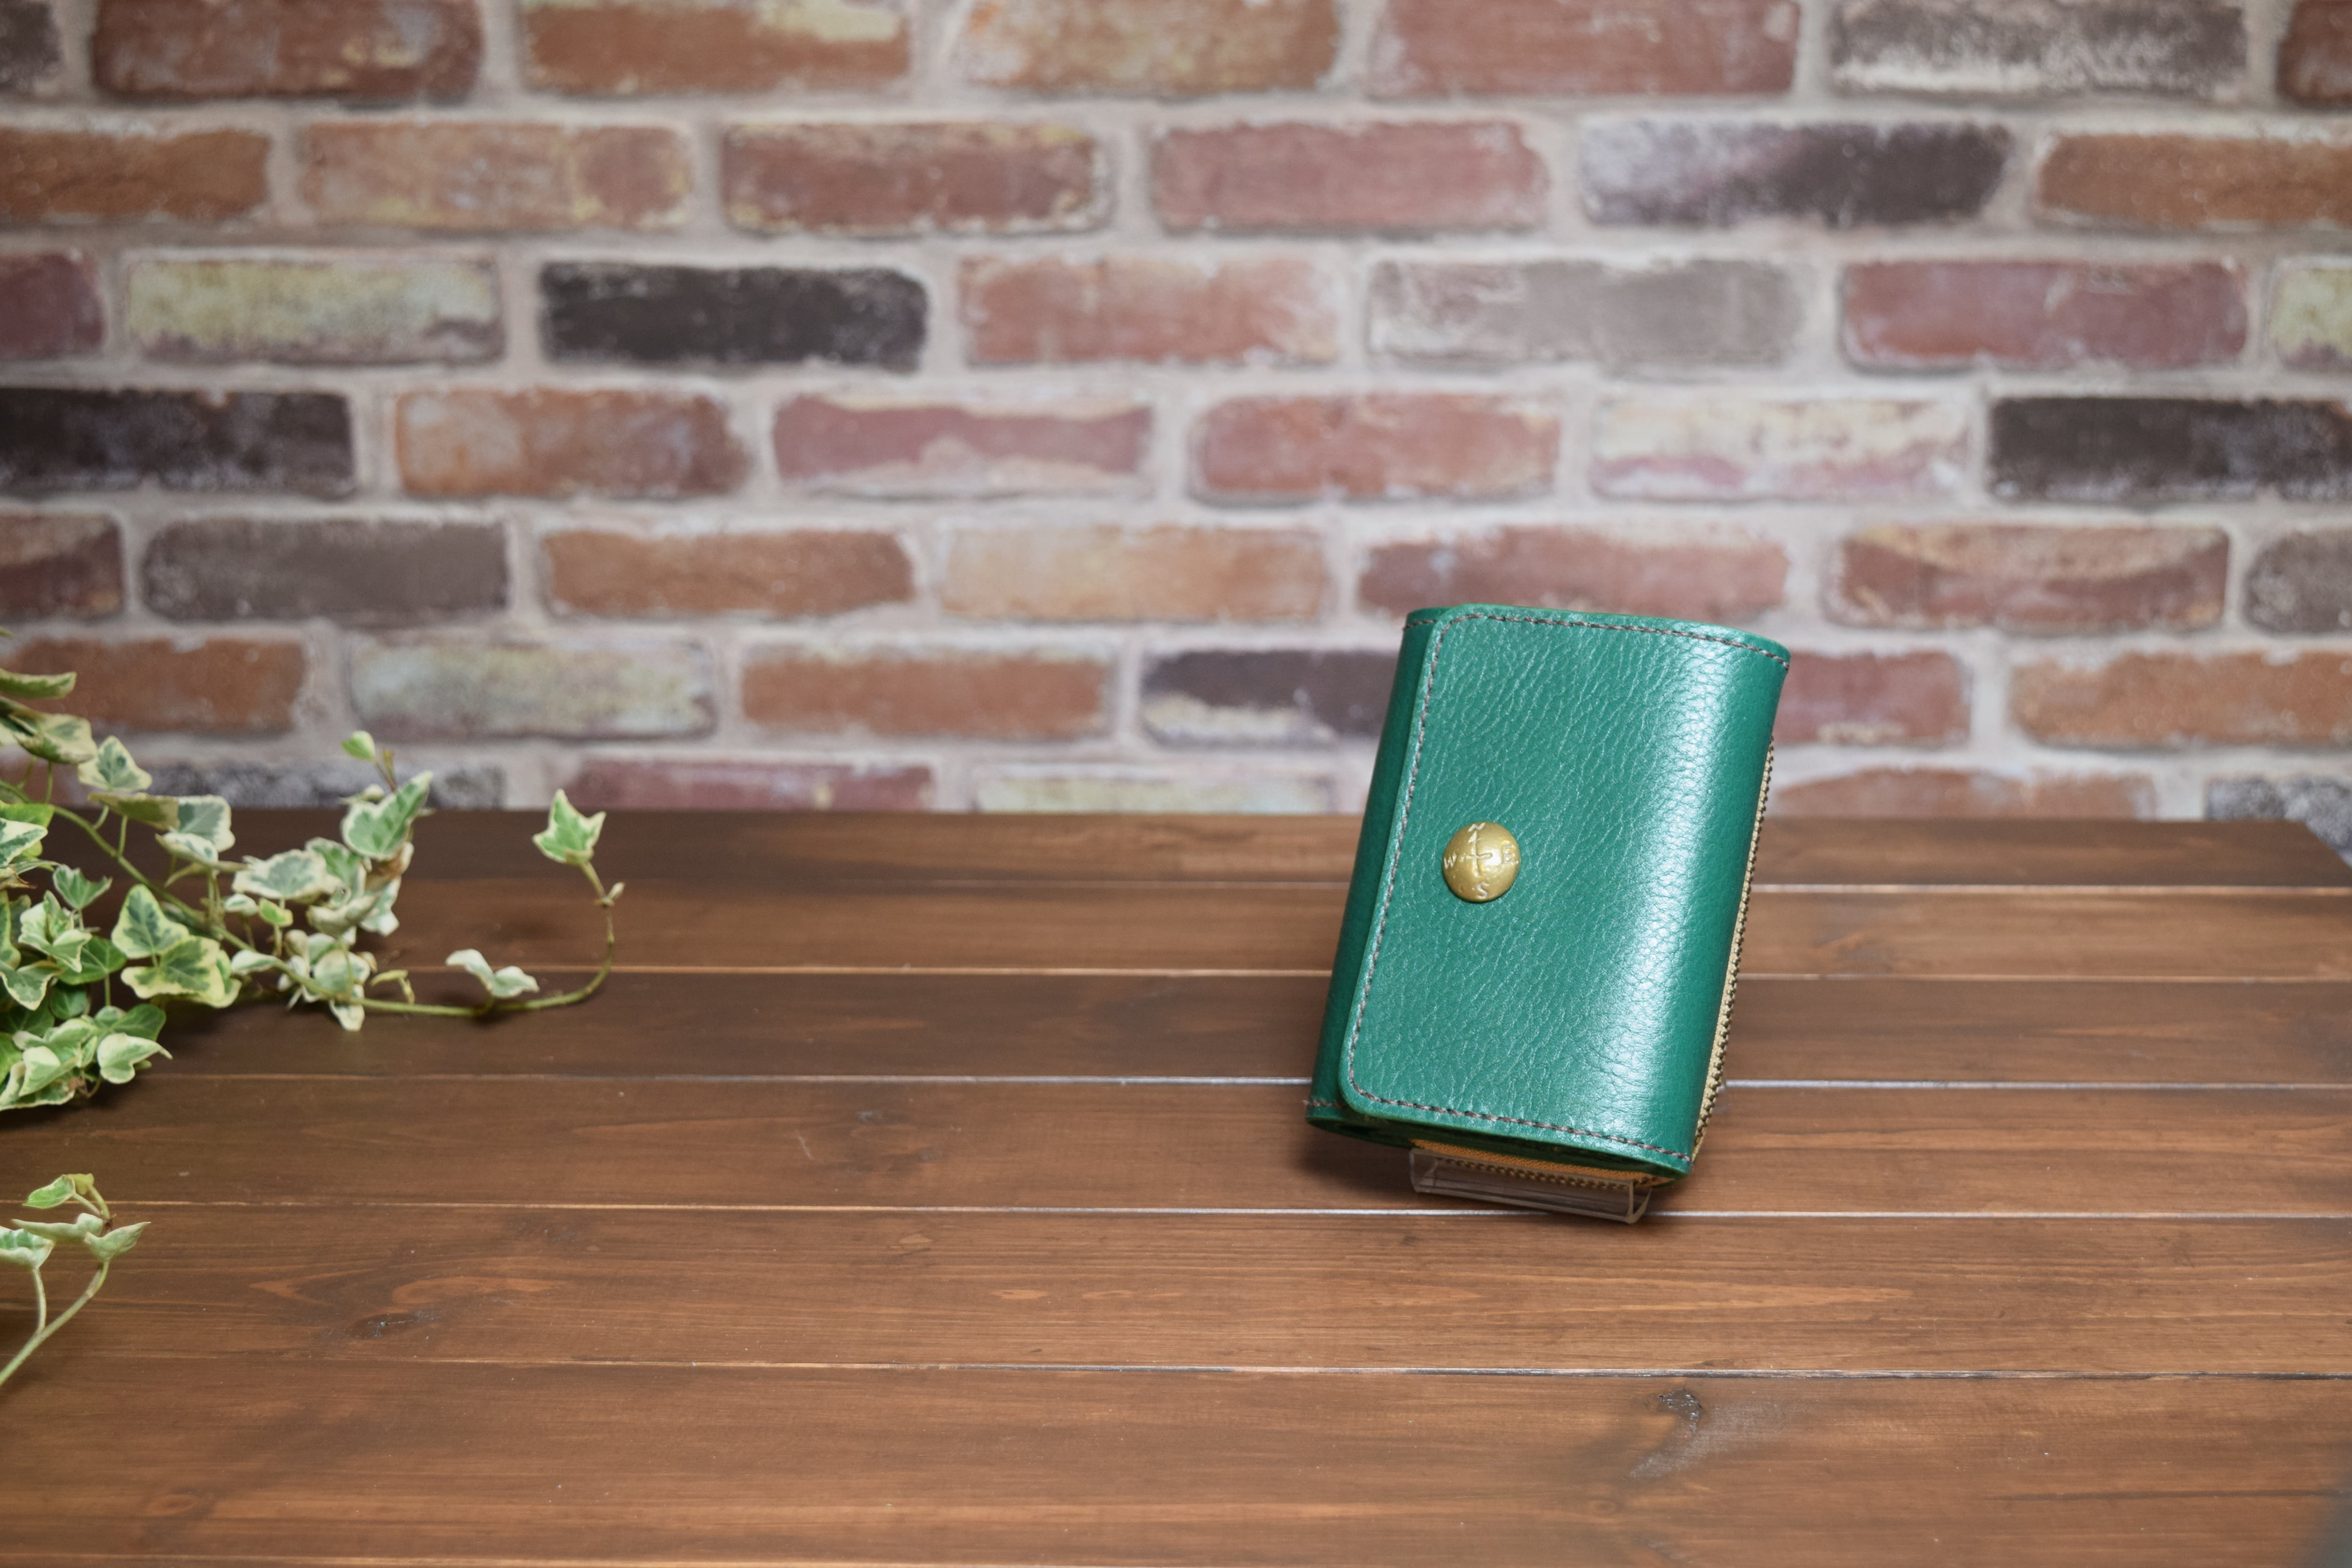 【オーダーメイド制作例】二つ折りラウンドファスナー財布(コンチョ付き)アレンジver.      (KA202b2)